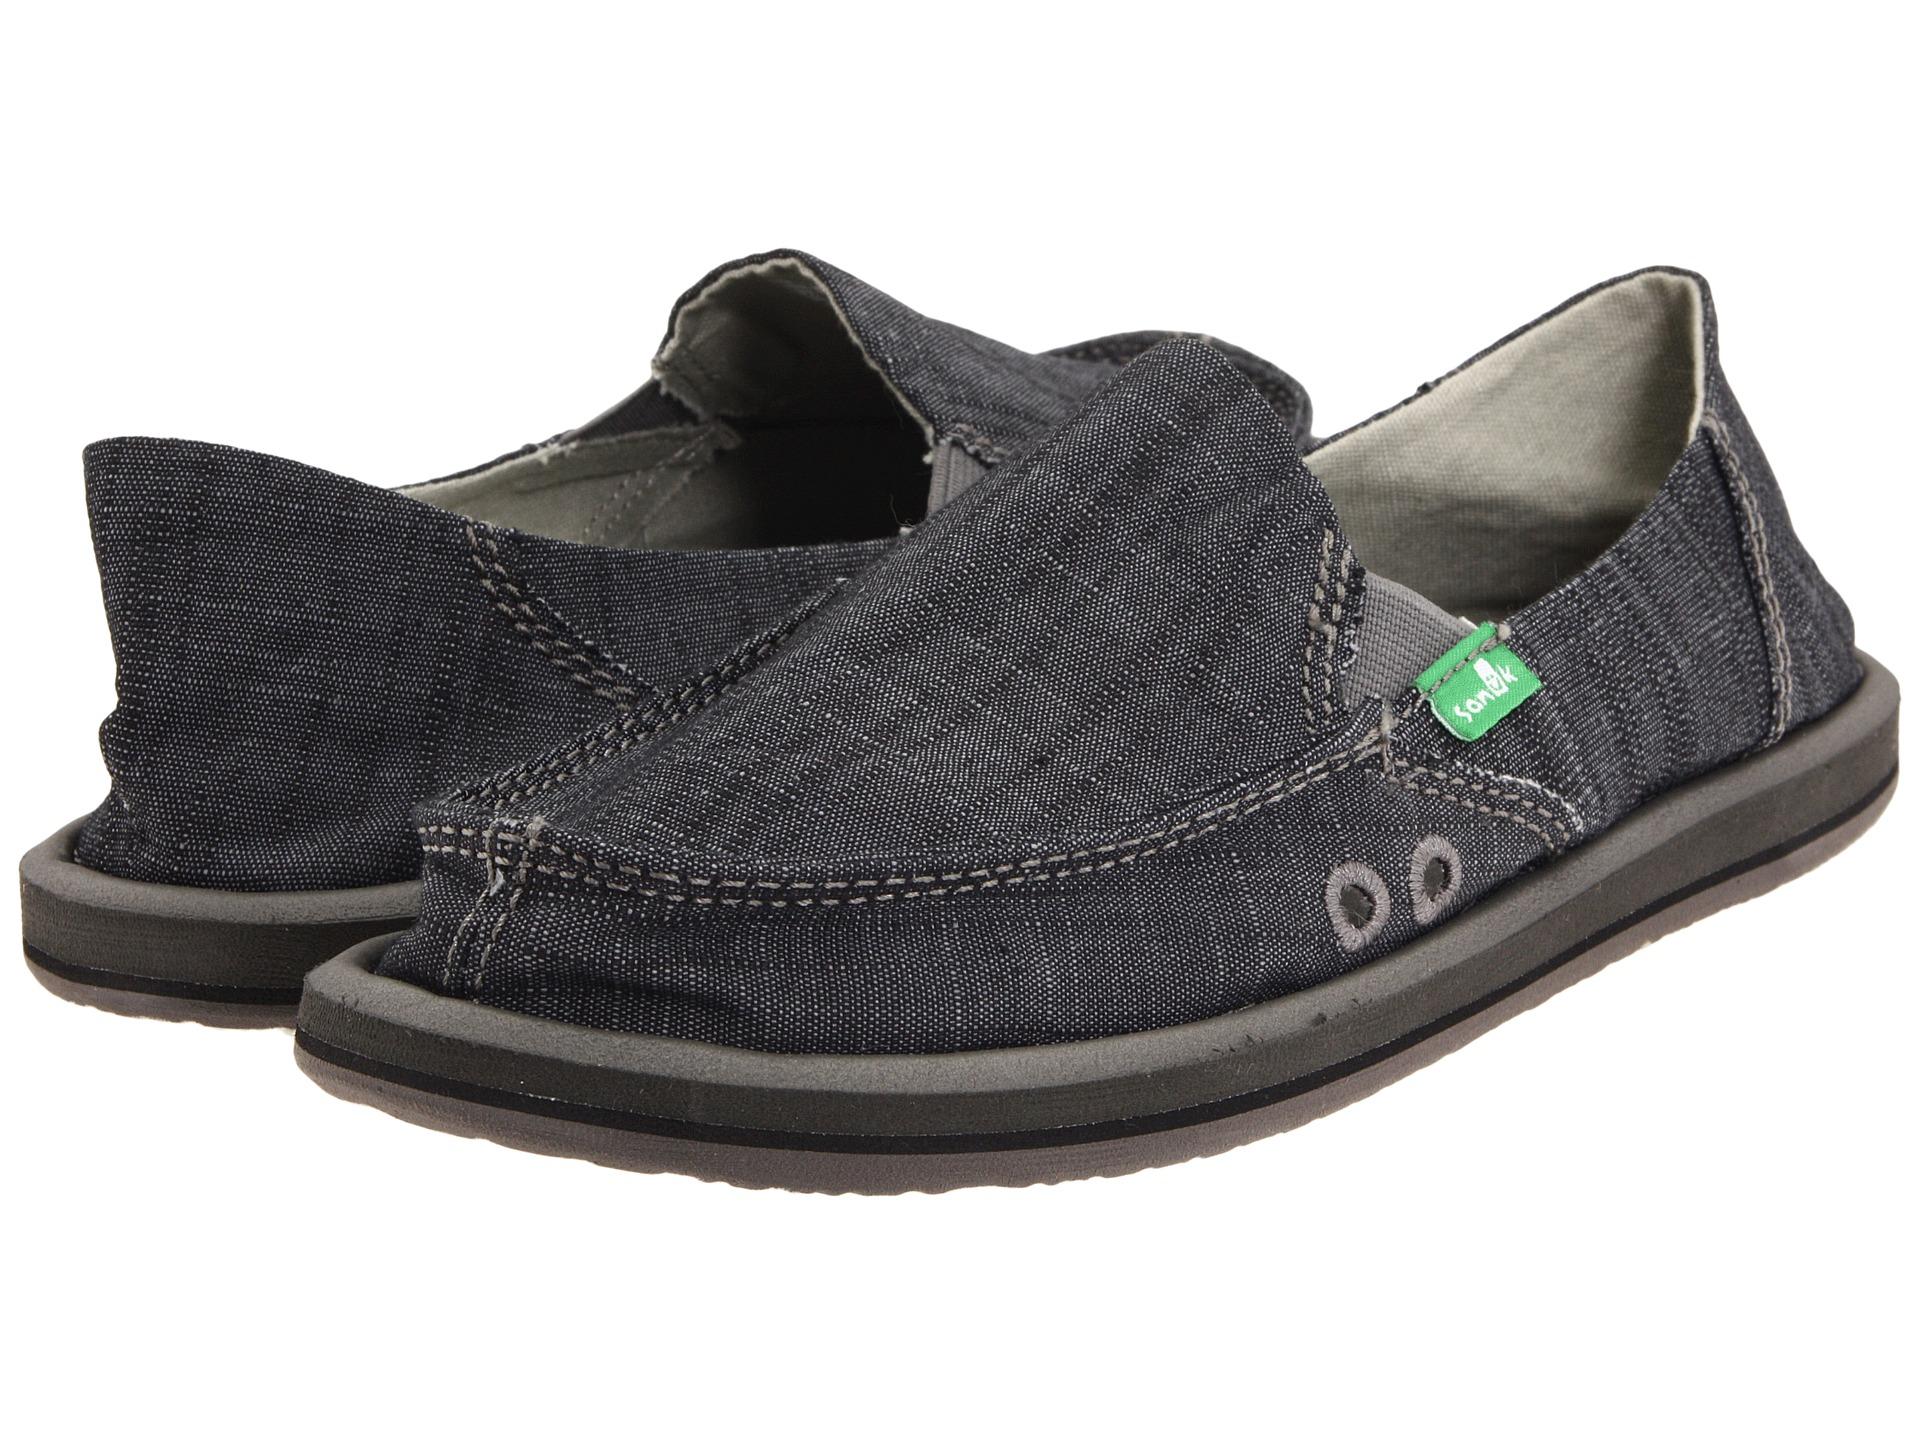 Womens Sanuk Shoes - Sanuk Donna - Free Shipping and Returns (Black